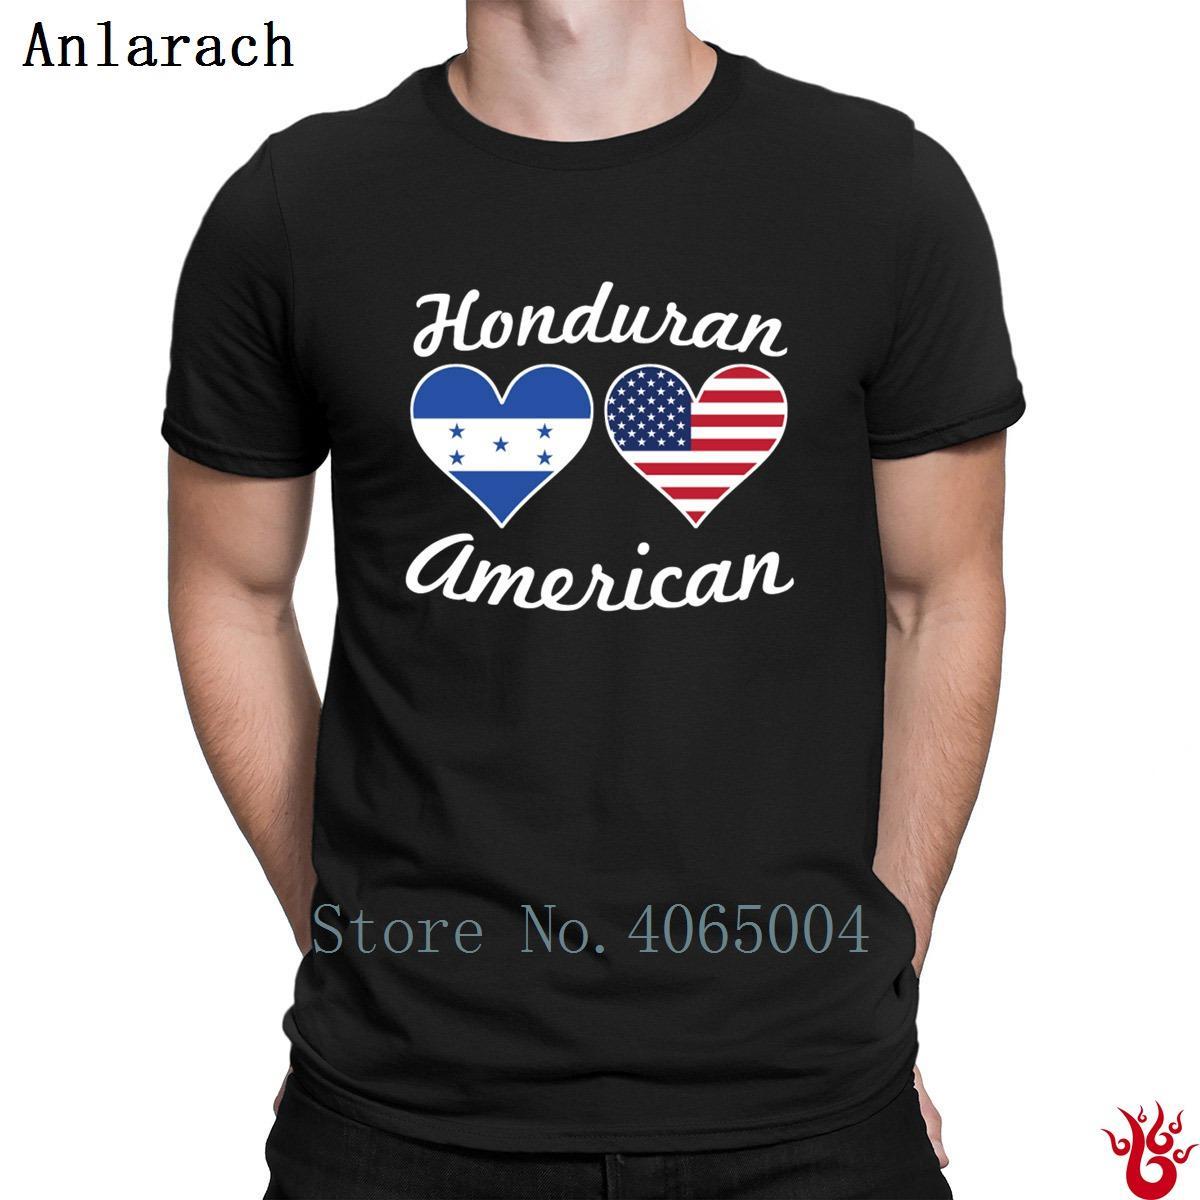 3d60219b7 Compre Camiseta De Corazones Con Bandera Hondureña Americana Camiseta Con  Top Pop Camiseta De Hombres Divertidos Con Estampado Informal Ropa De  Verano ...